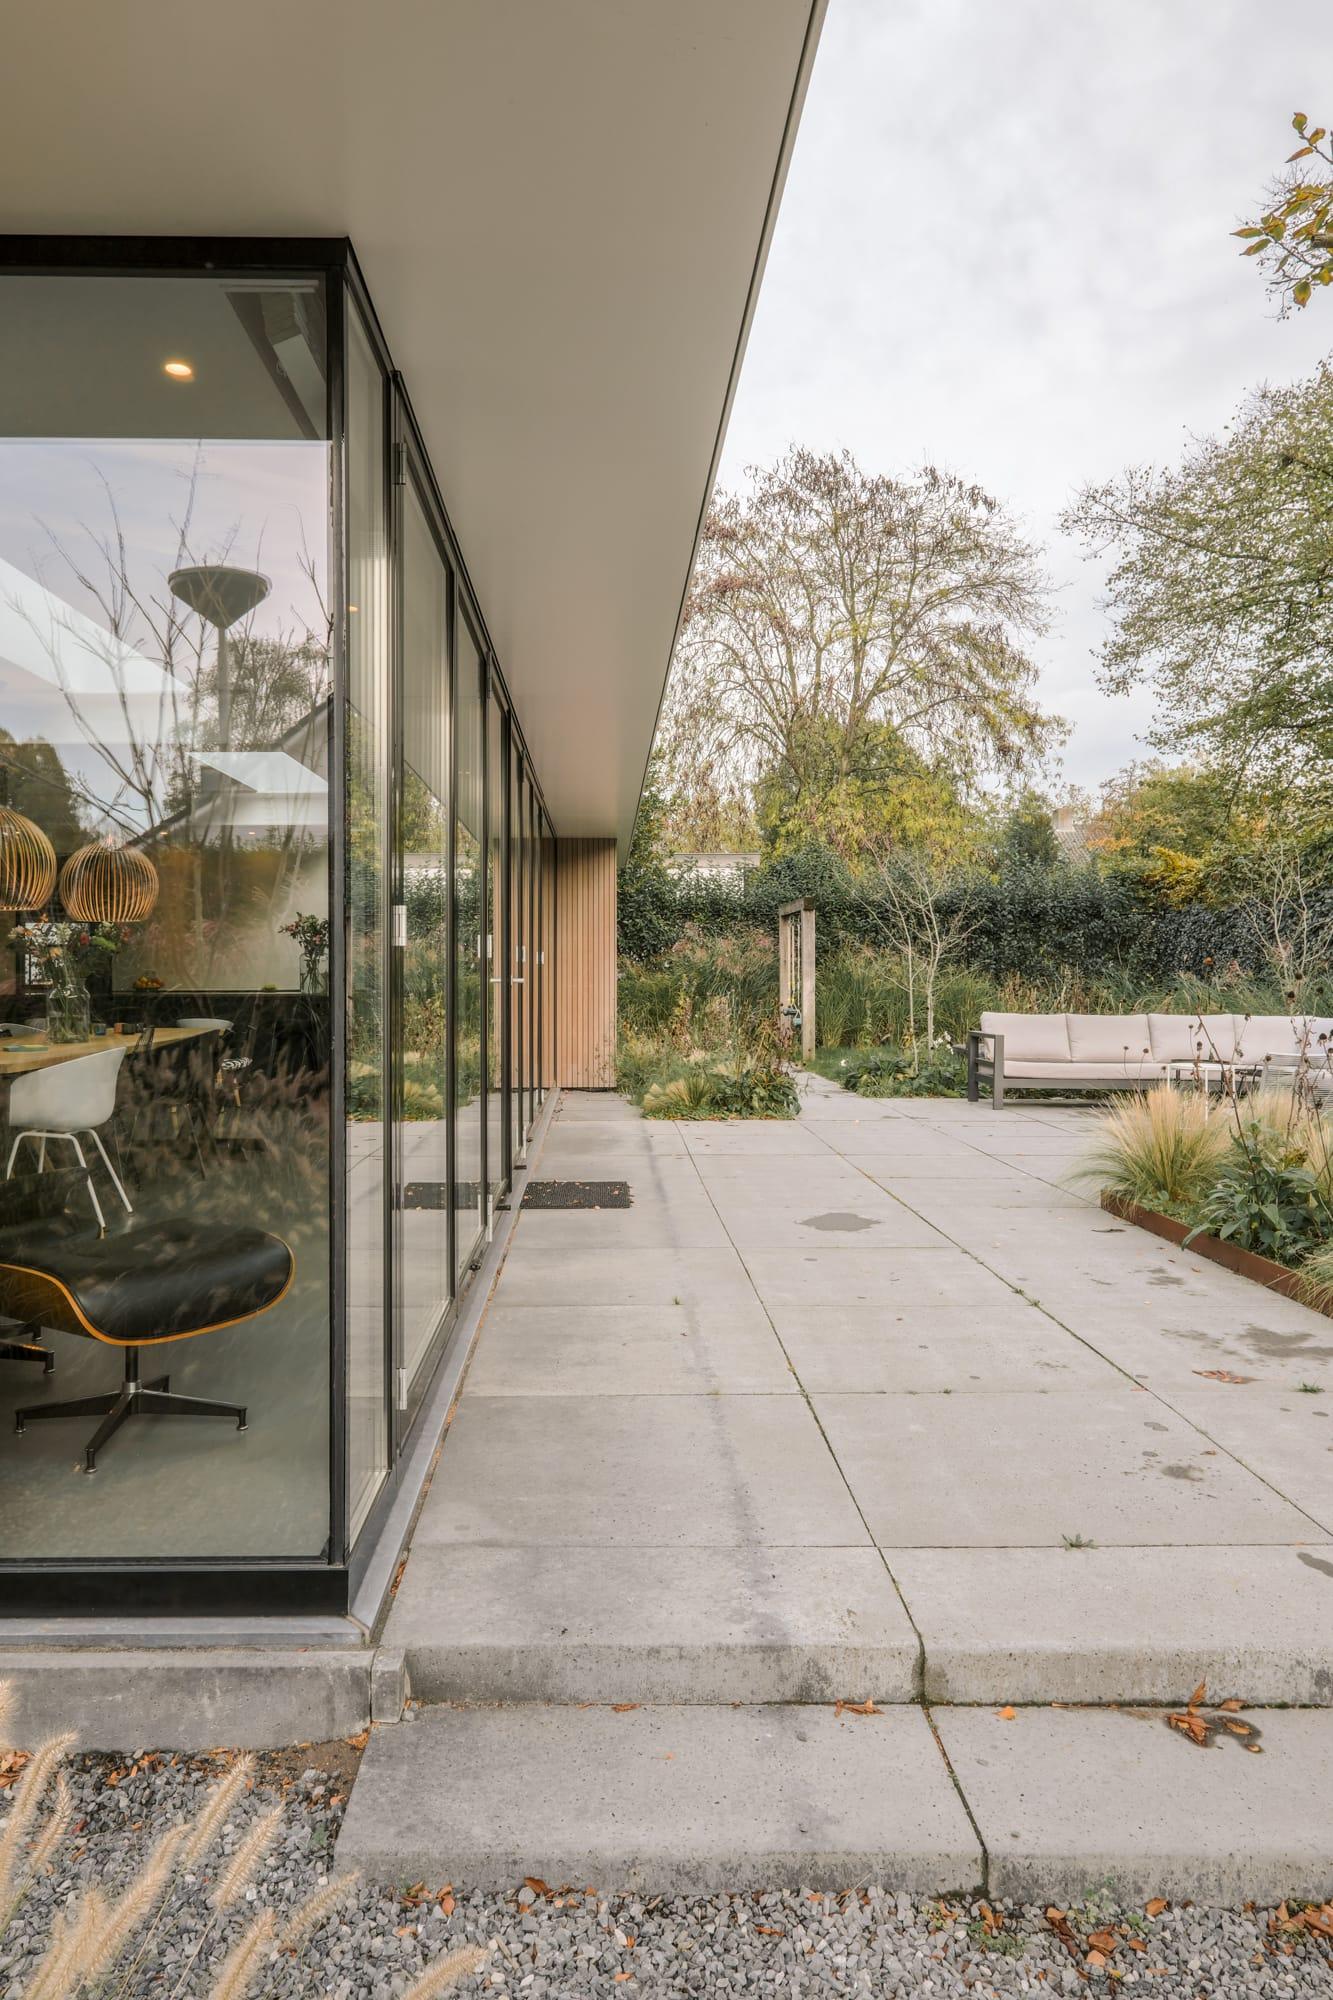 van-os-architecten-breda-ontwerp-moderne-aanbouw-met-aluminium-vouwschuifpui-overstek-op-zuidgevel